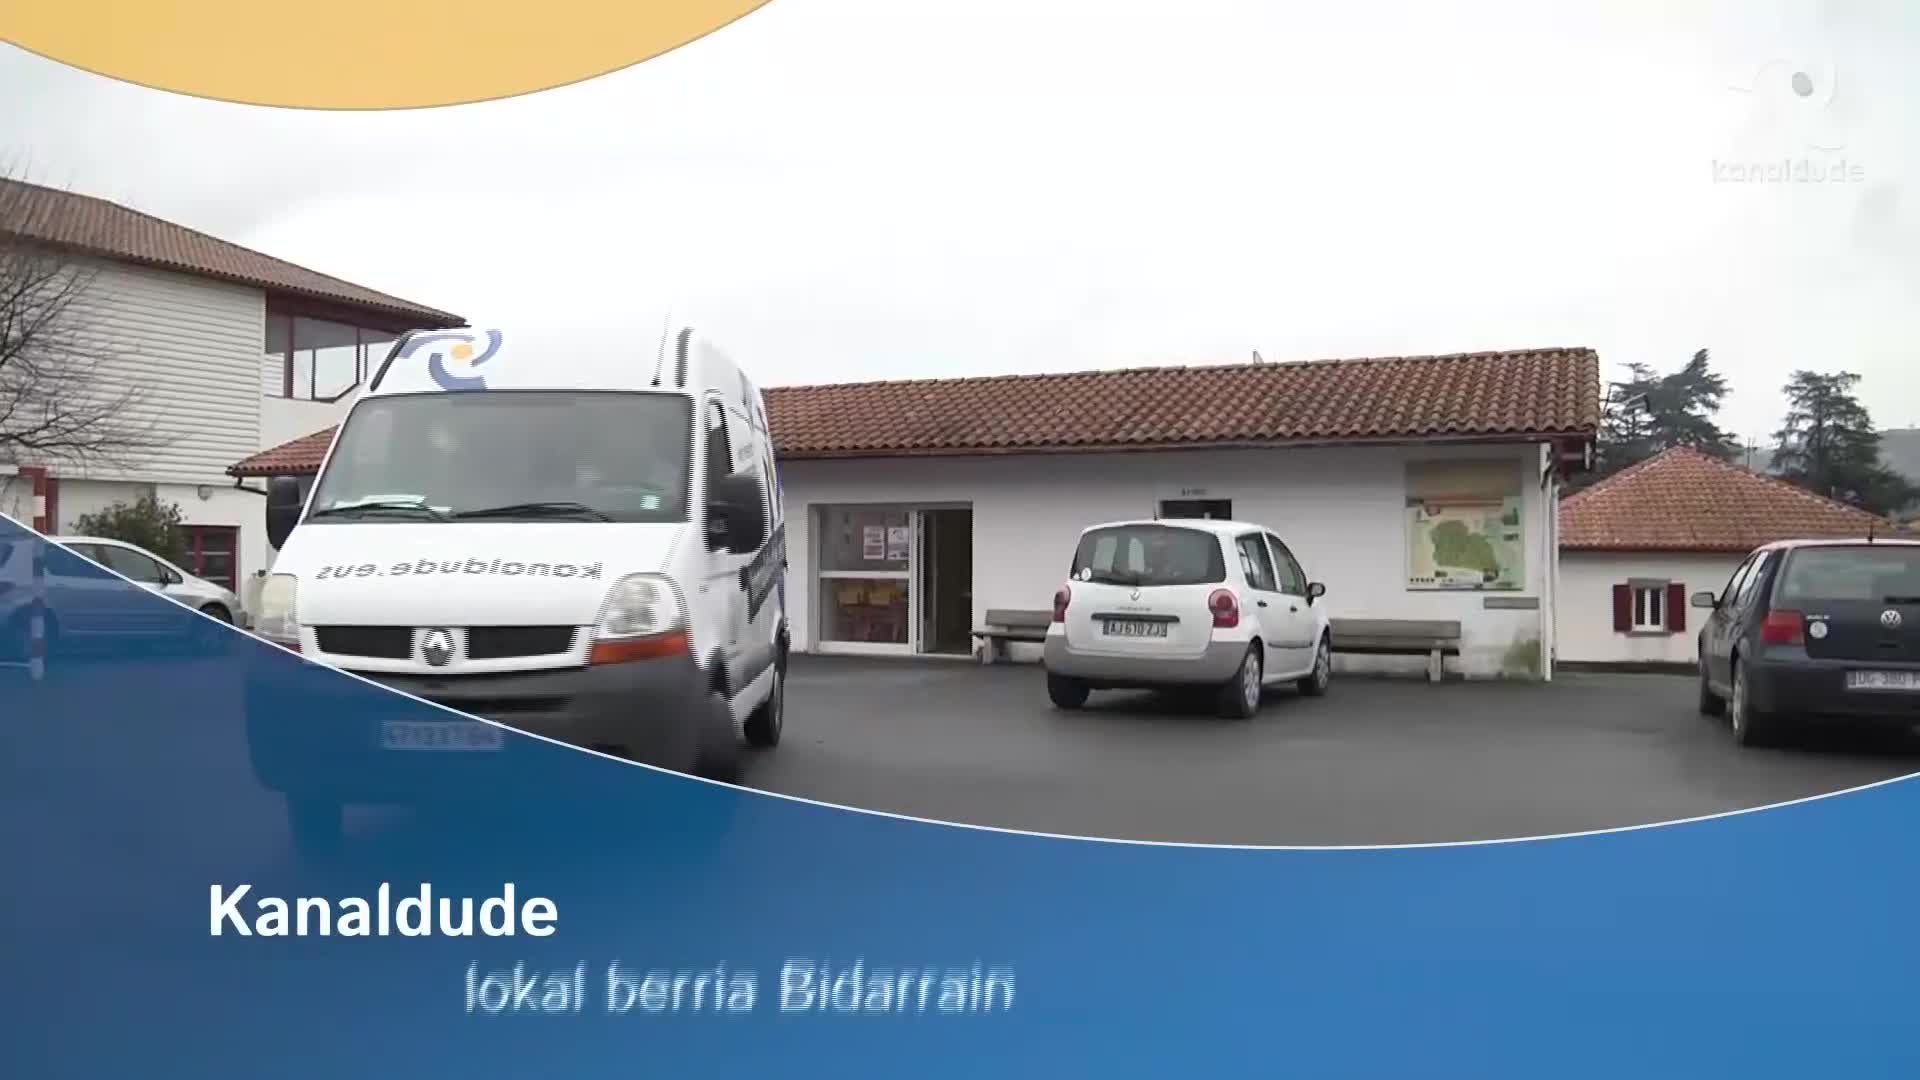 Kanaldude: lokal berria Bidarraien